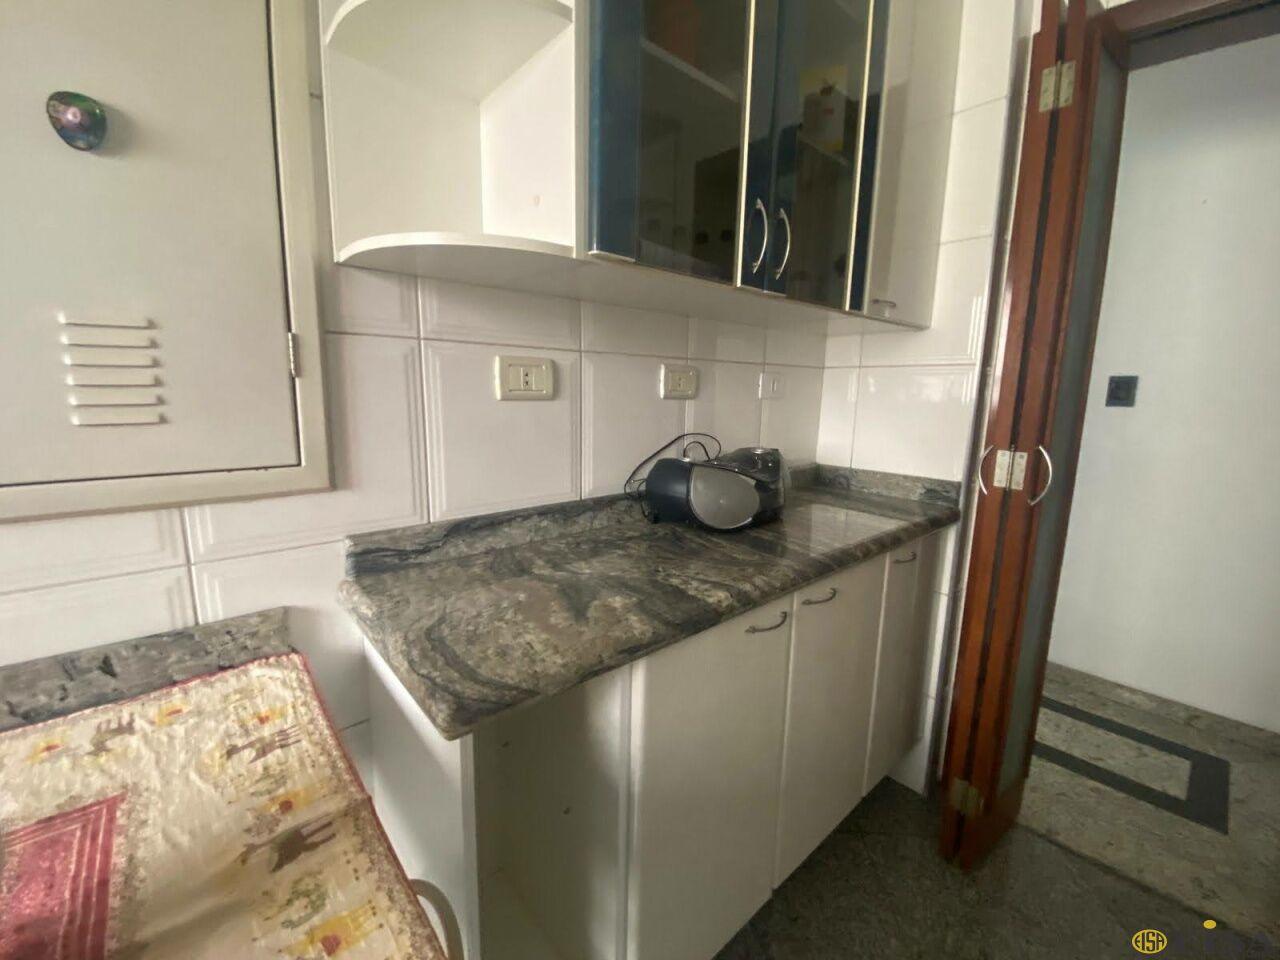 Cobertura de 3 dormitórios em Vila Nova Cachoeirinha, Sã?o Paulo - SP